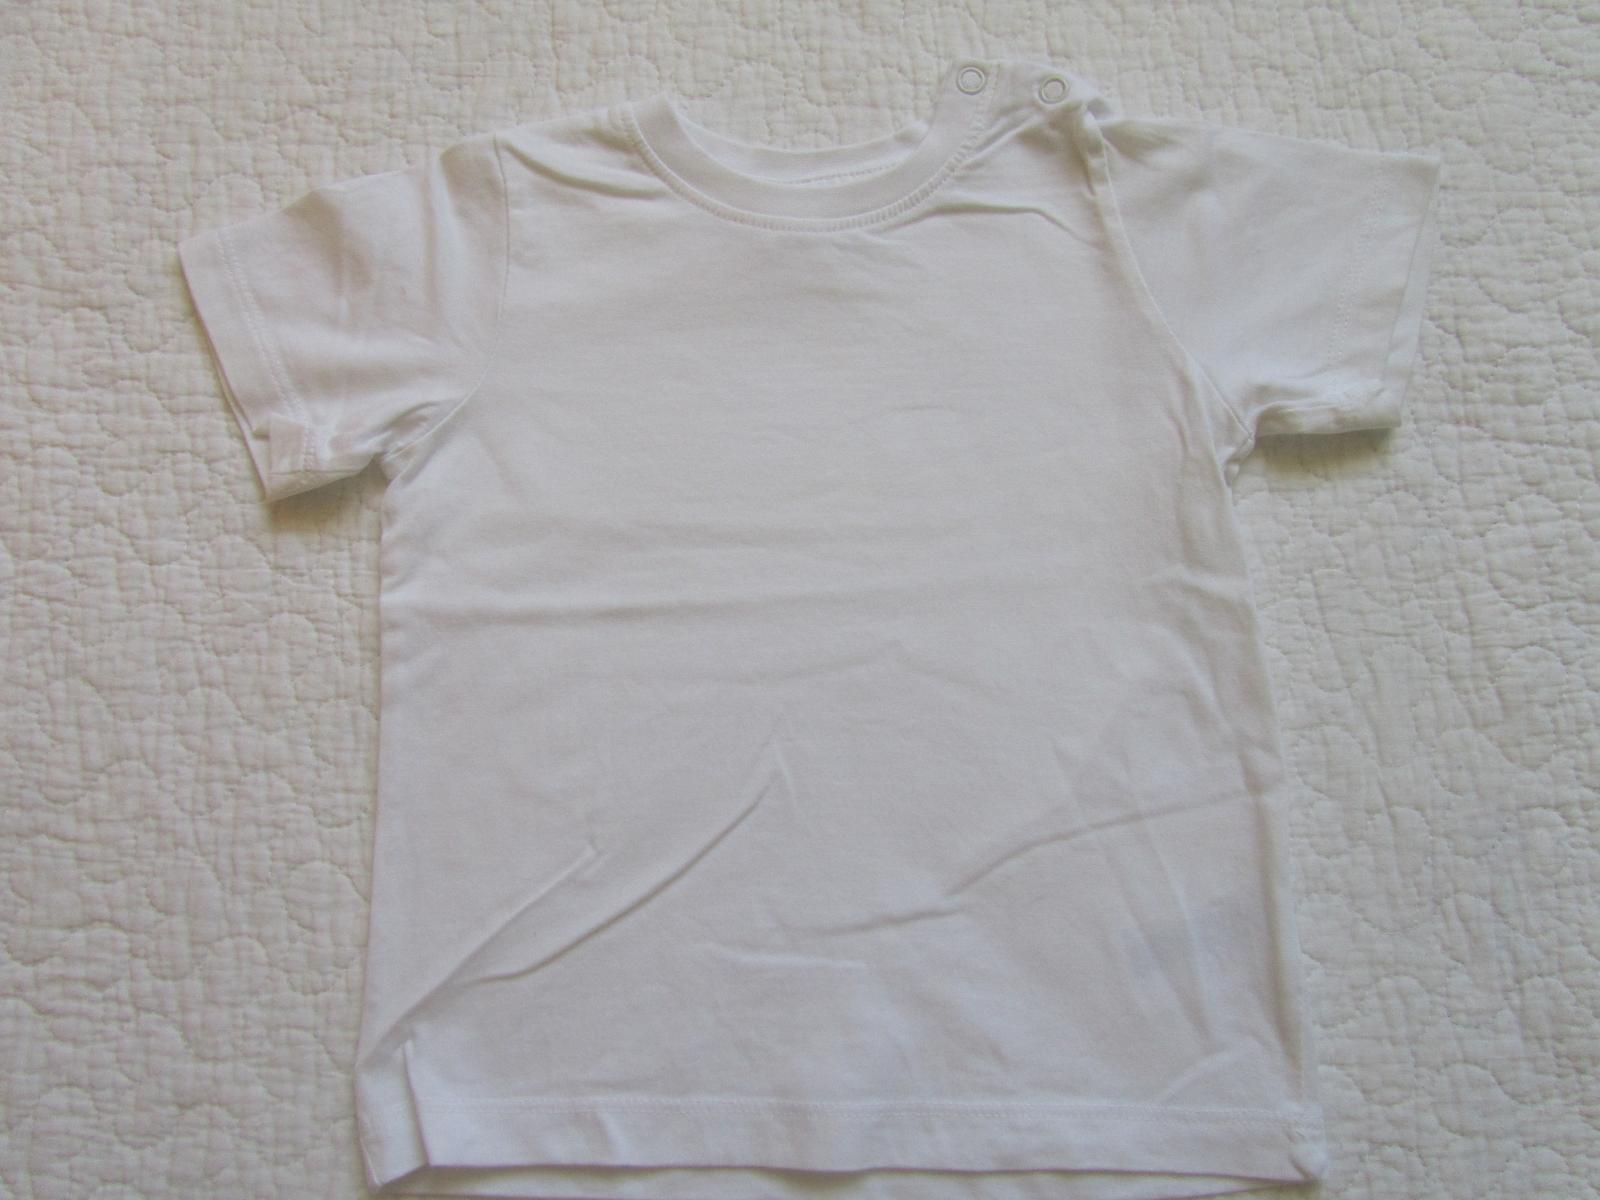 Biele tricko H&M 86 - Obrázok č. 1